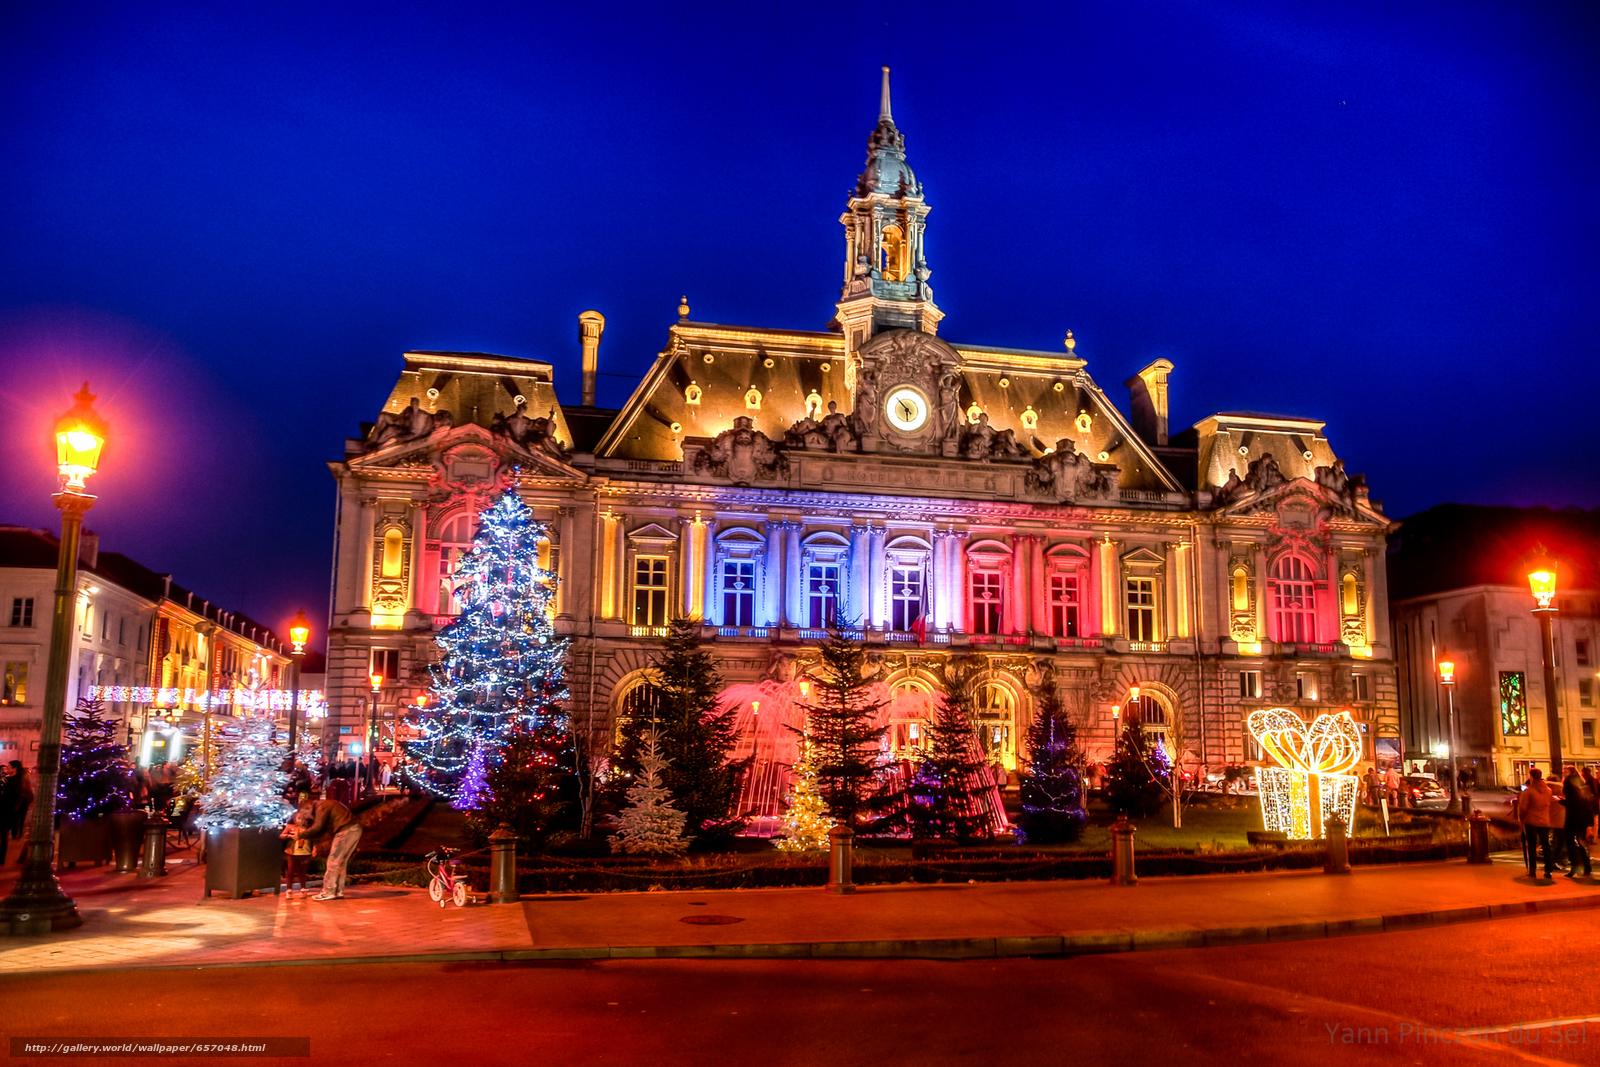 Download wallpaper Ville de tour France city night 1600x1067